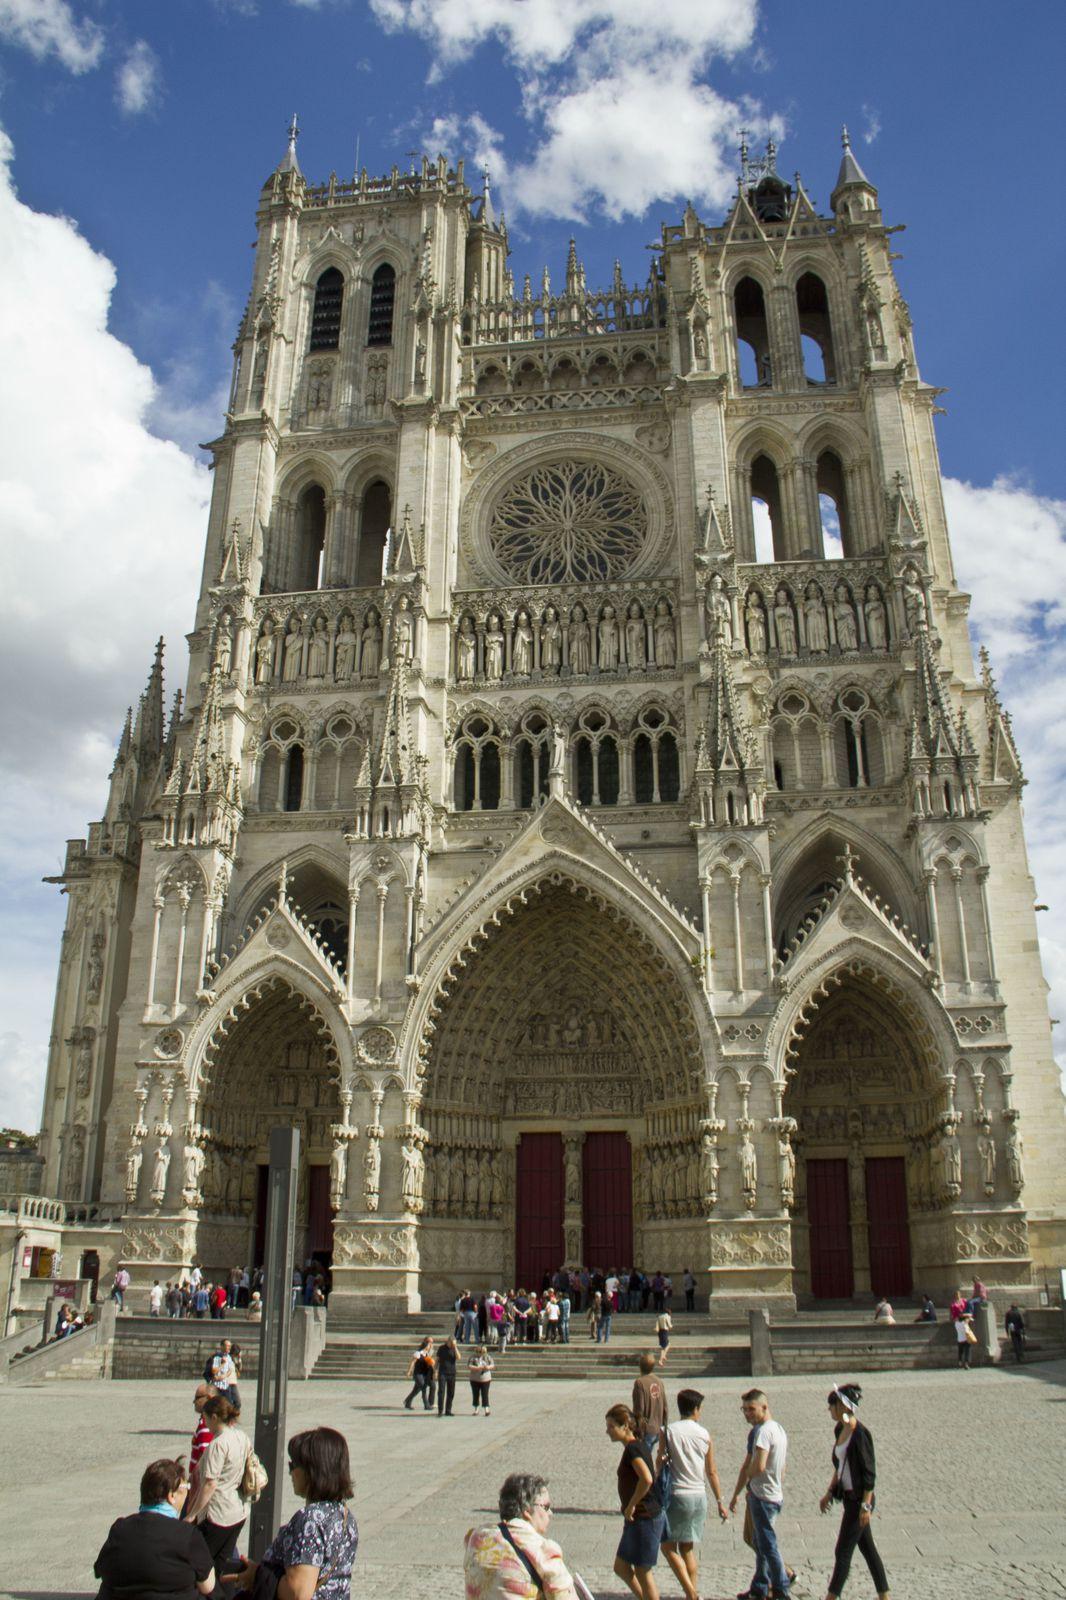 La façade de la cathédrale depuis le parvis, un détail d'une gargouille